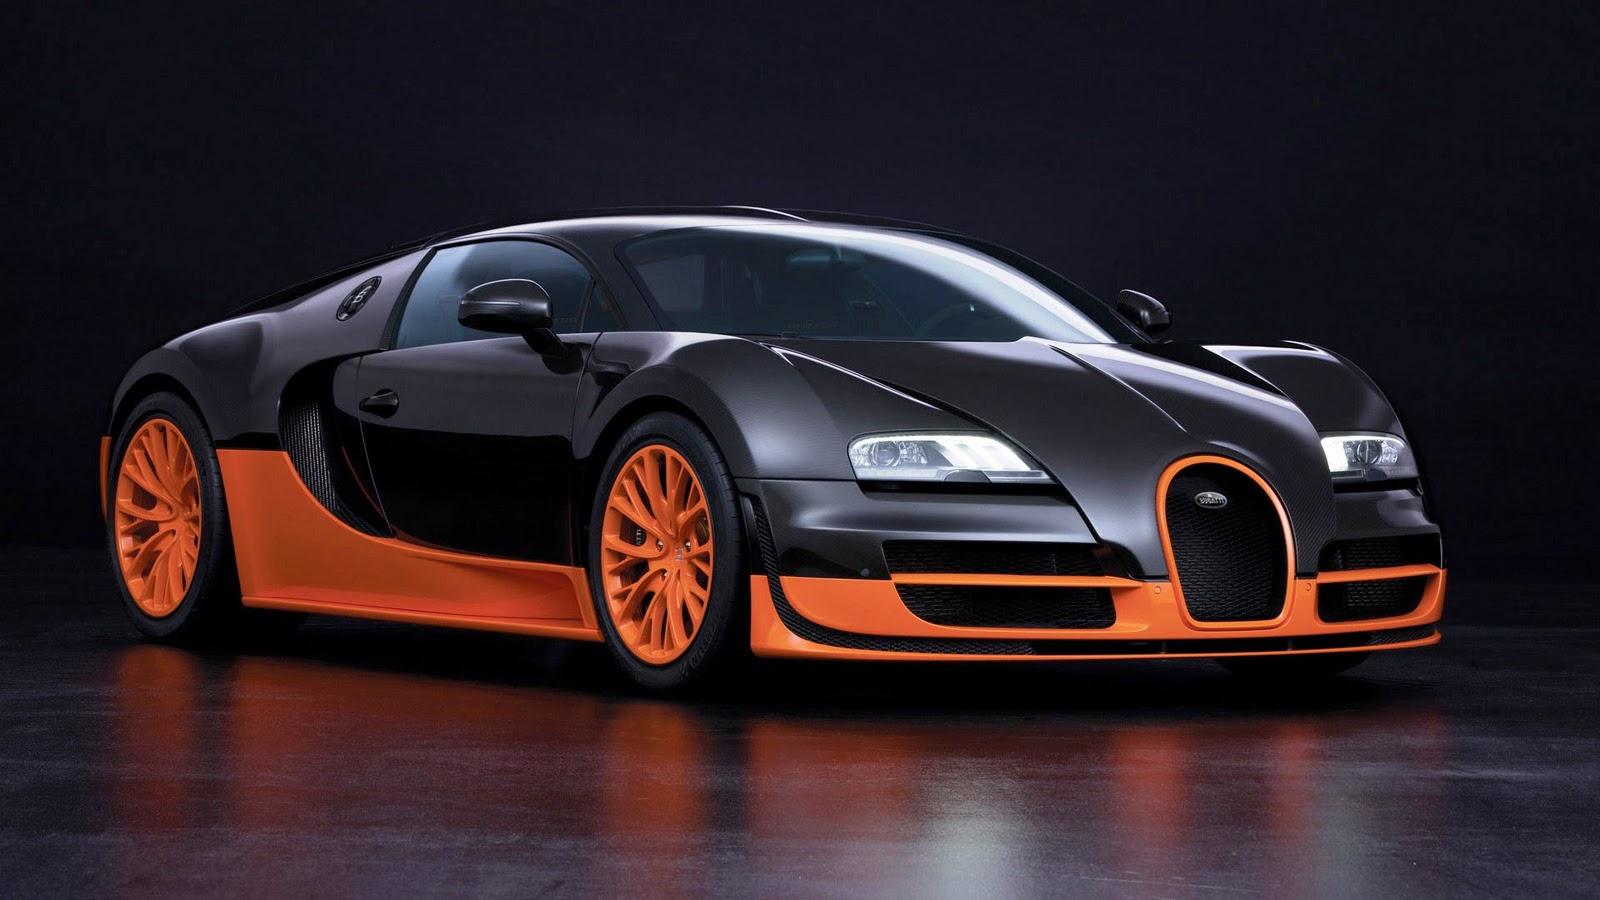 Bugatti Veyron Super Sport Full Hd Wallpaper: Full HD Exotic Car Wallpapers: 2011 Bugatti Veyron 16.4